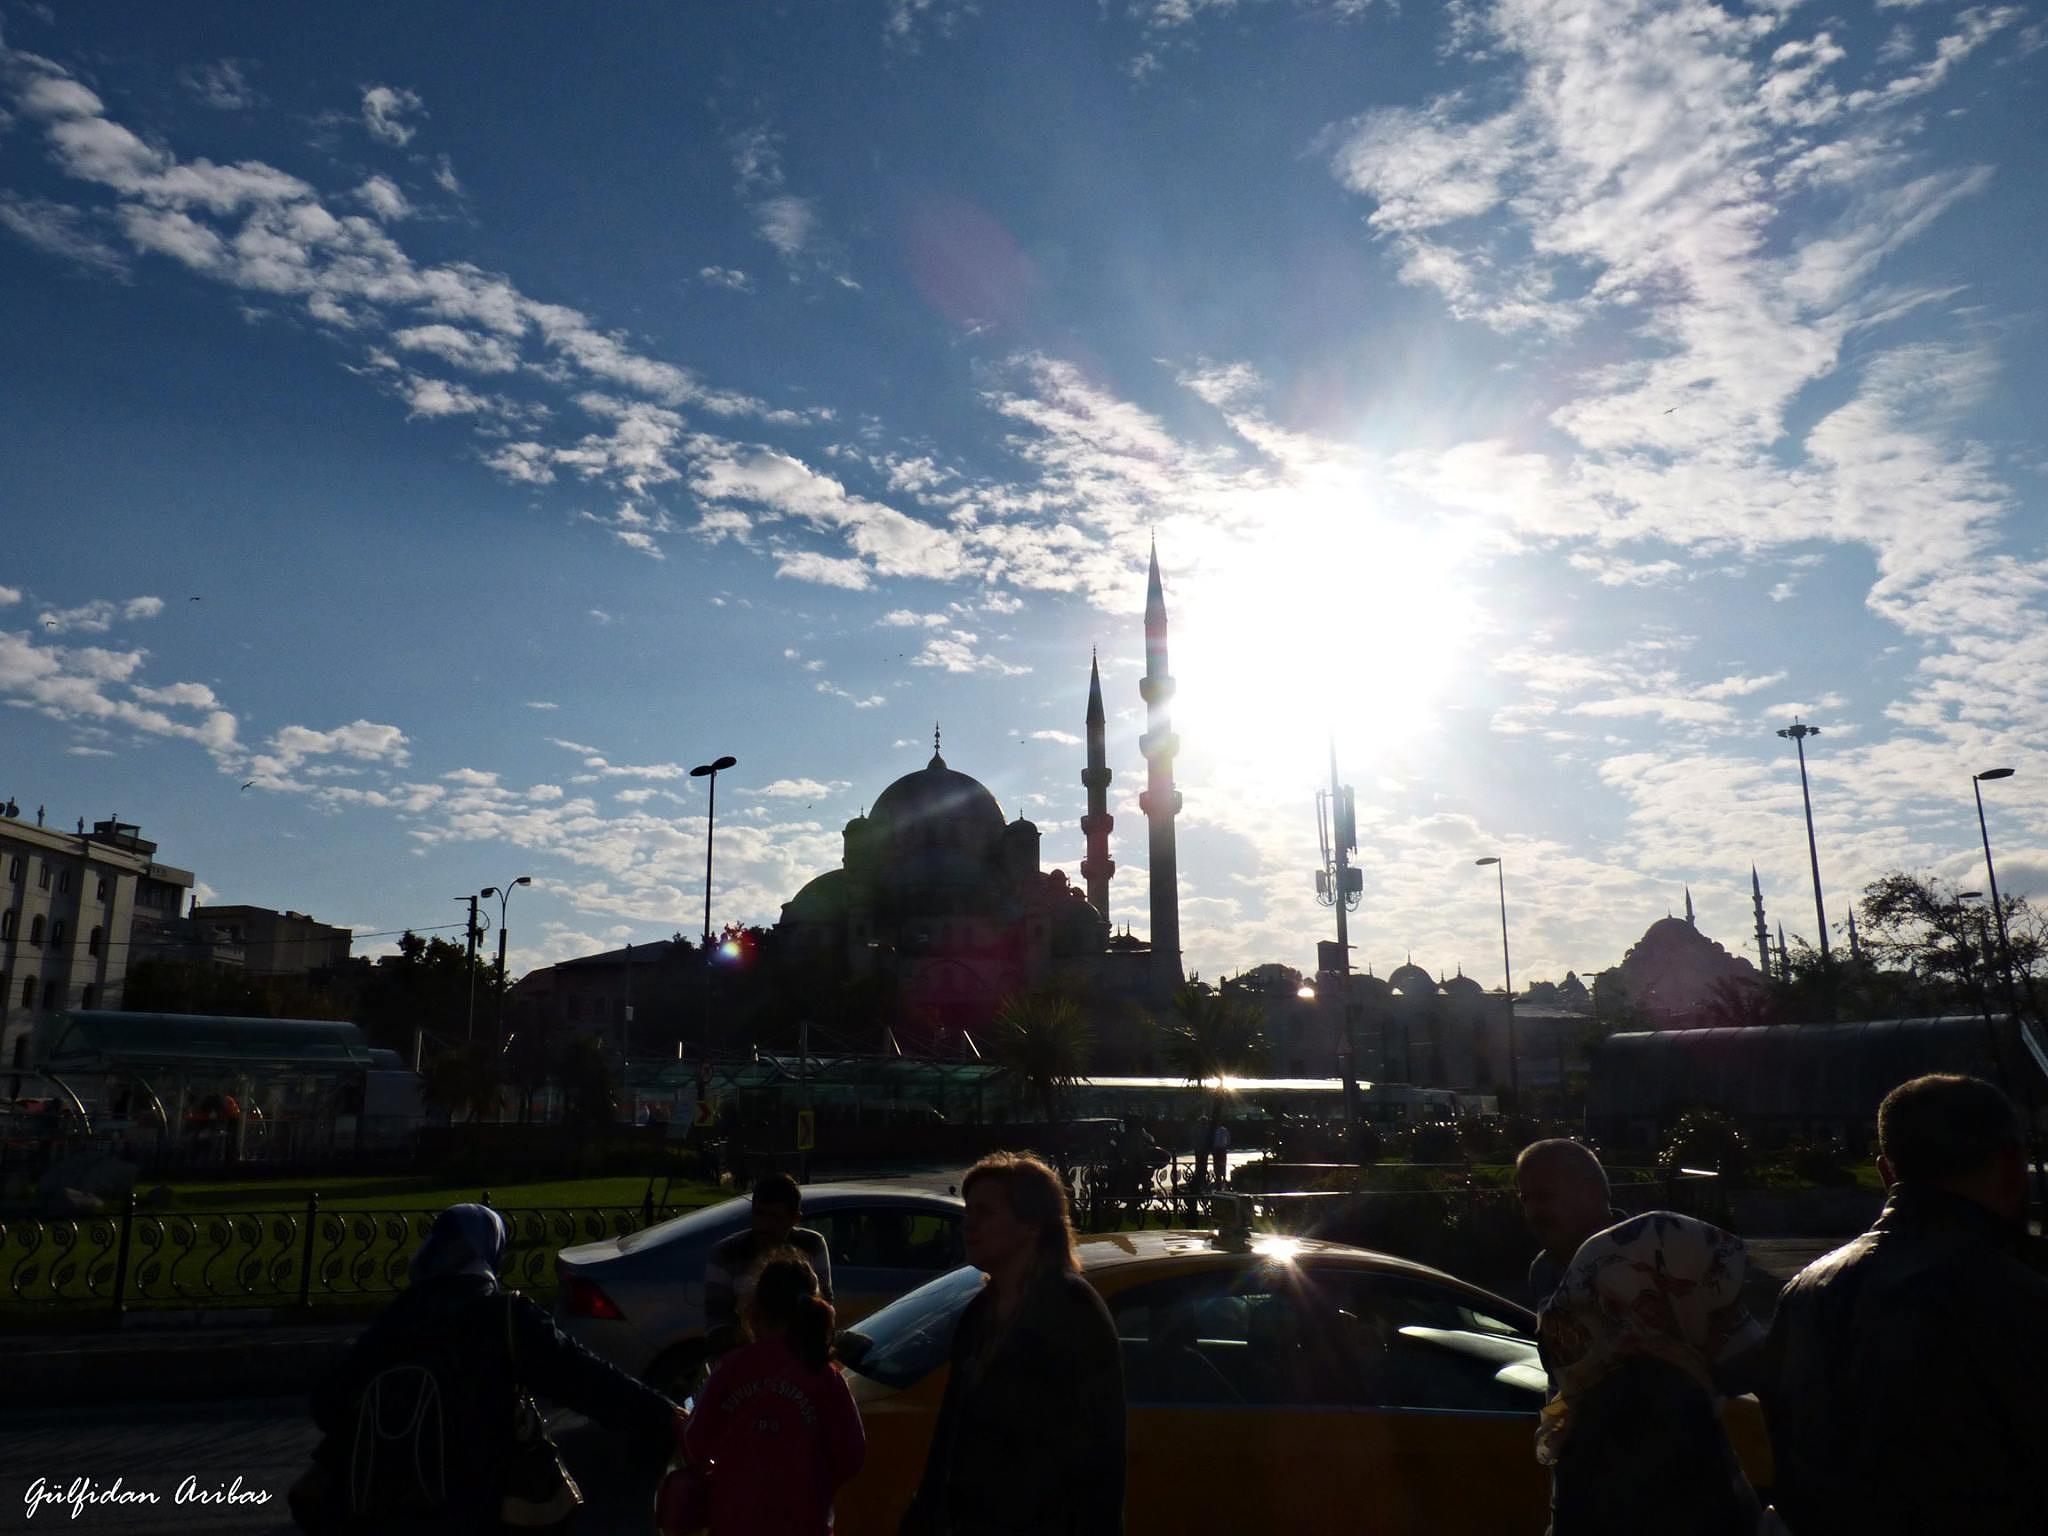 My Istanbul by Gül Fidan